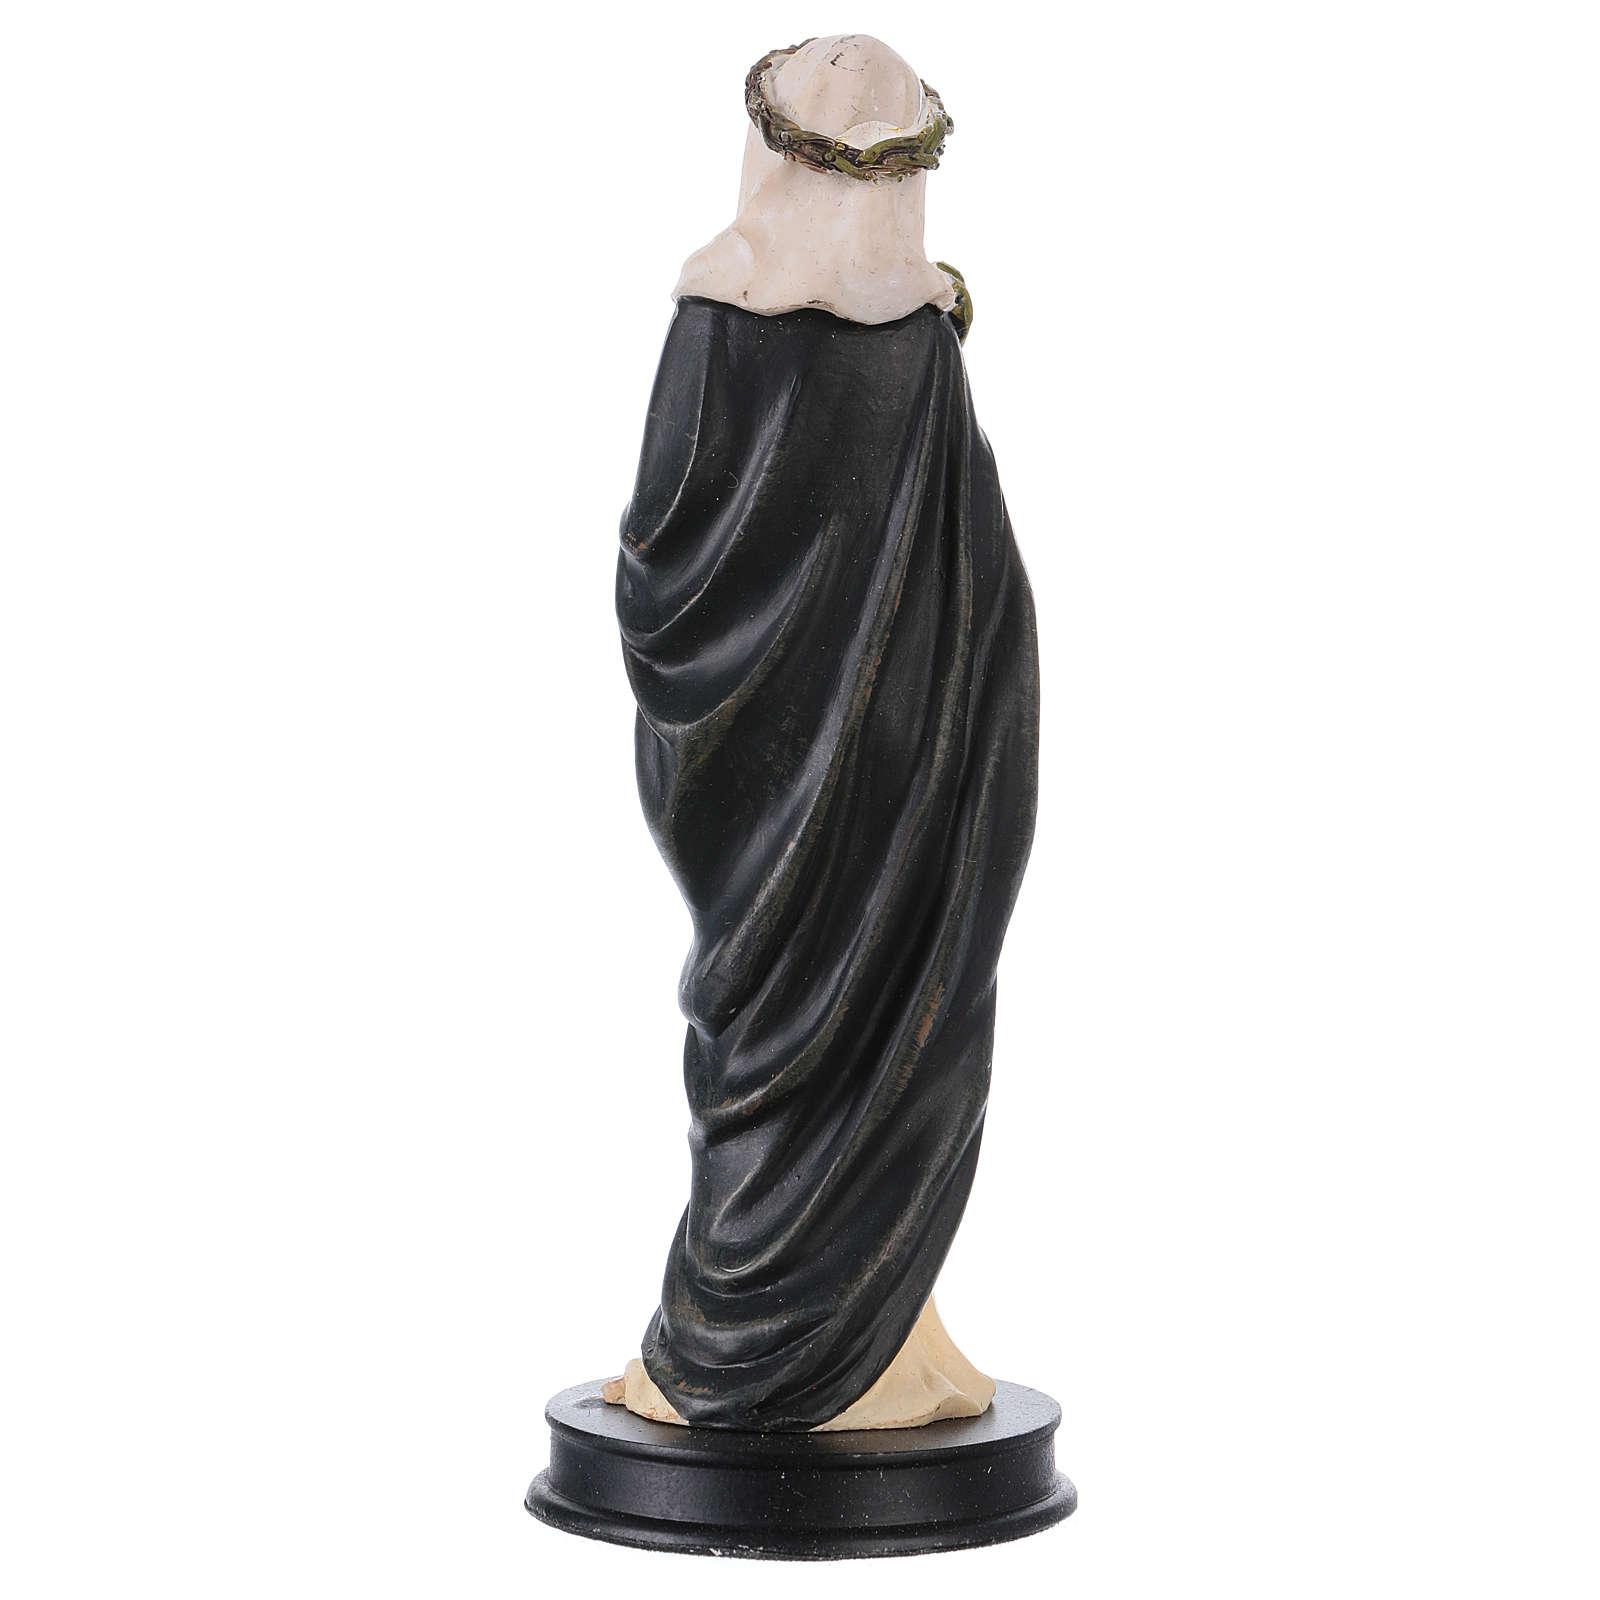 STOCK Statua resina Santa Caterina da Siena 13 cm 4